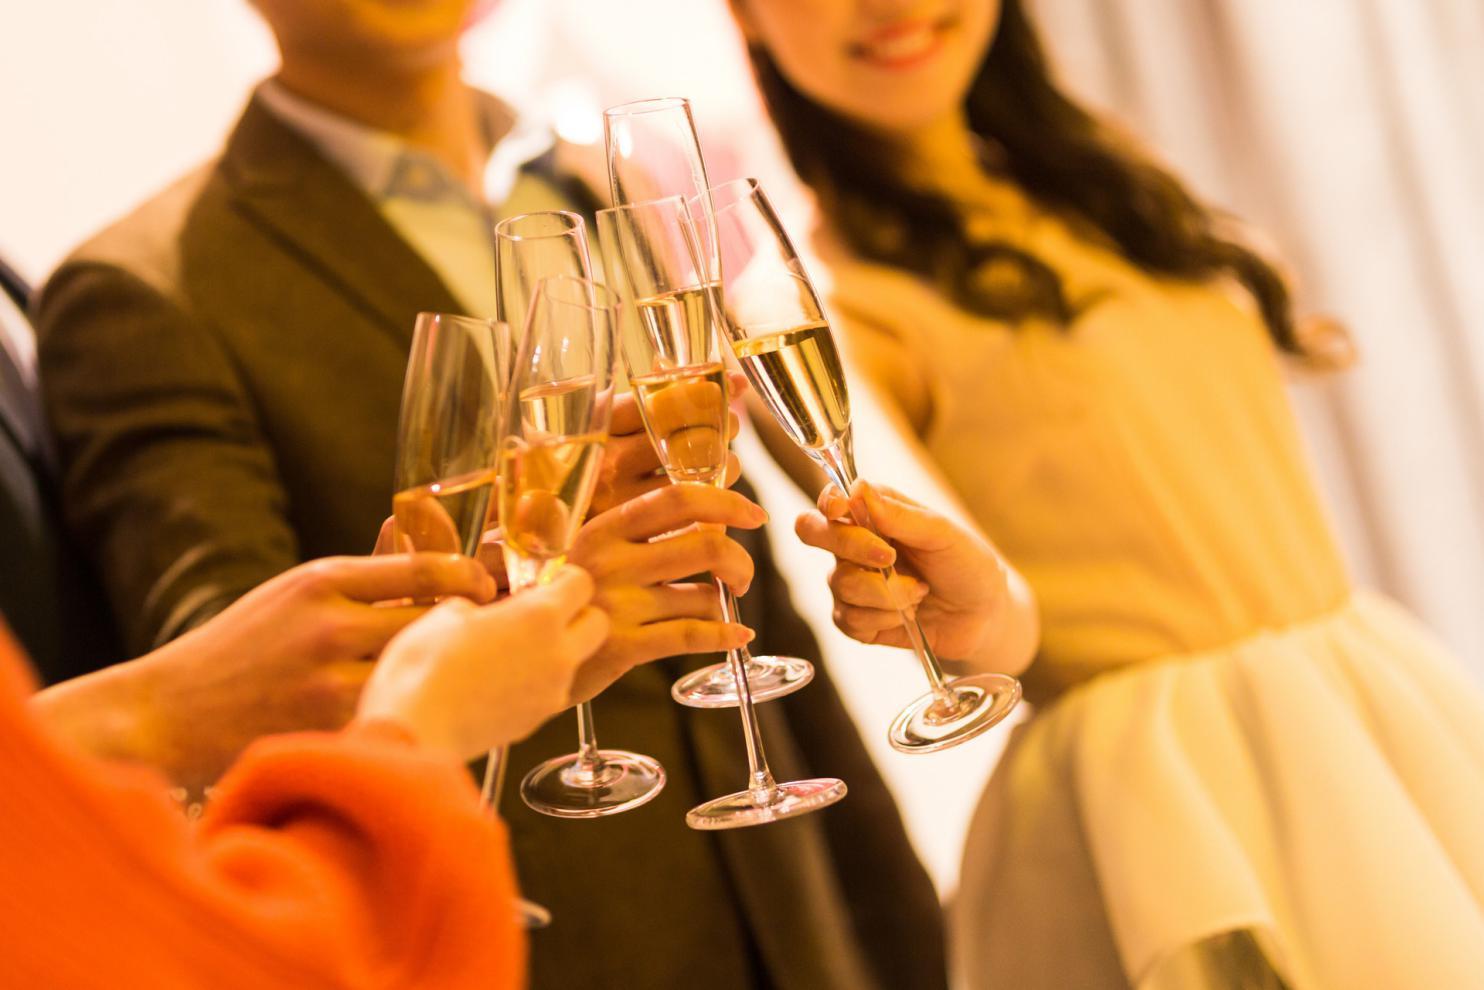 摄图网_500758544_banner_年轻男女聚会喝酒碰杯(非企业商用)